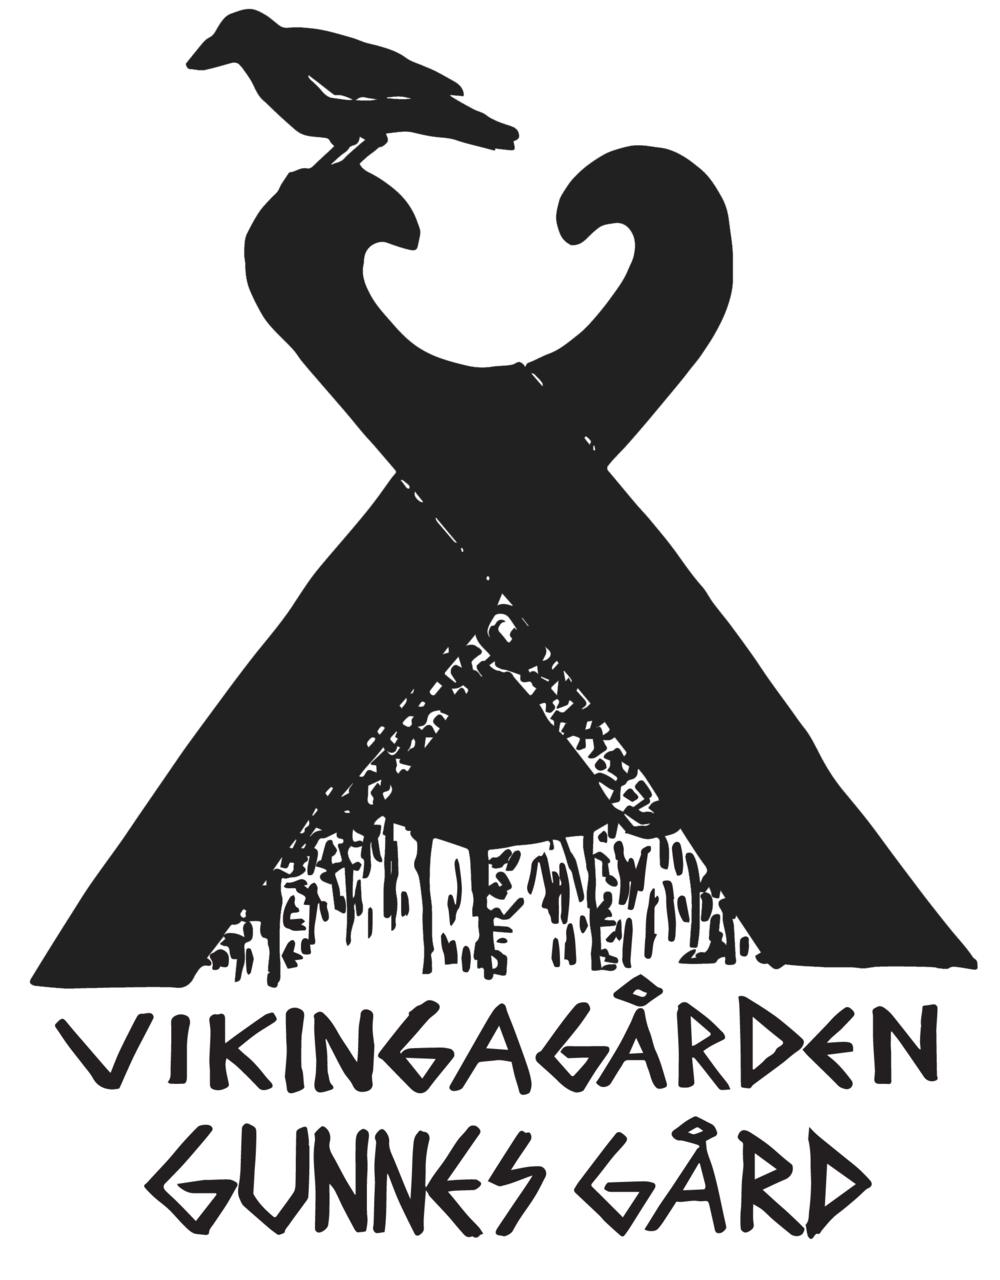 kalkererad vikingagård1 (1).png